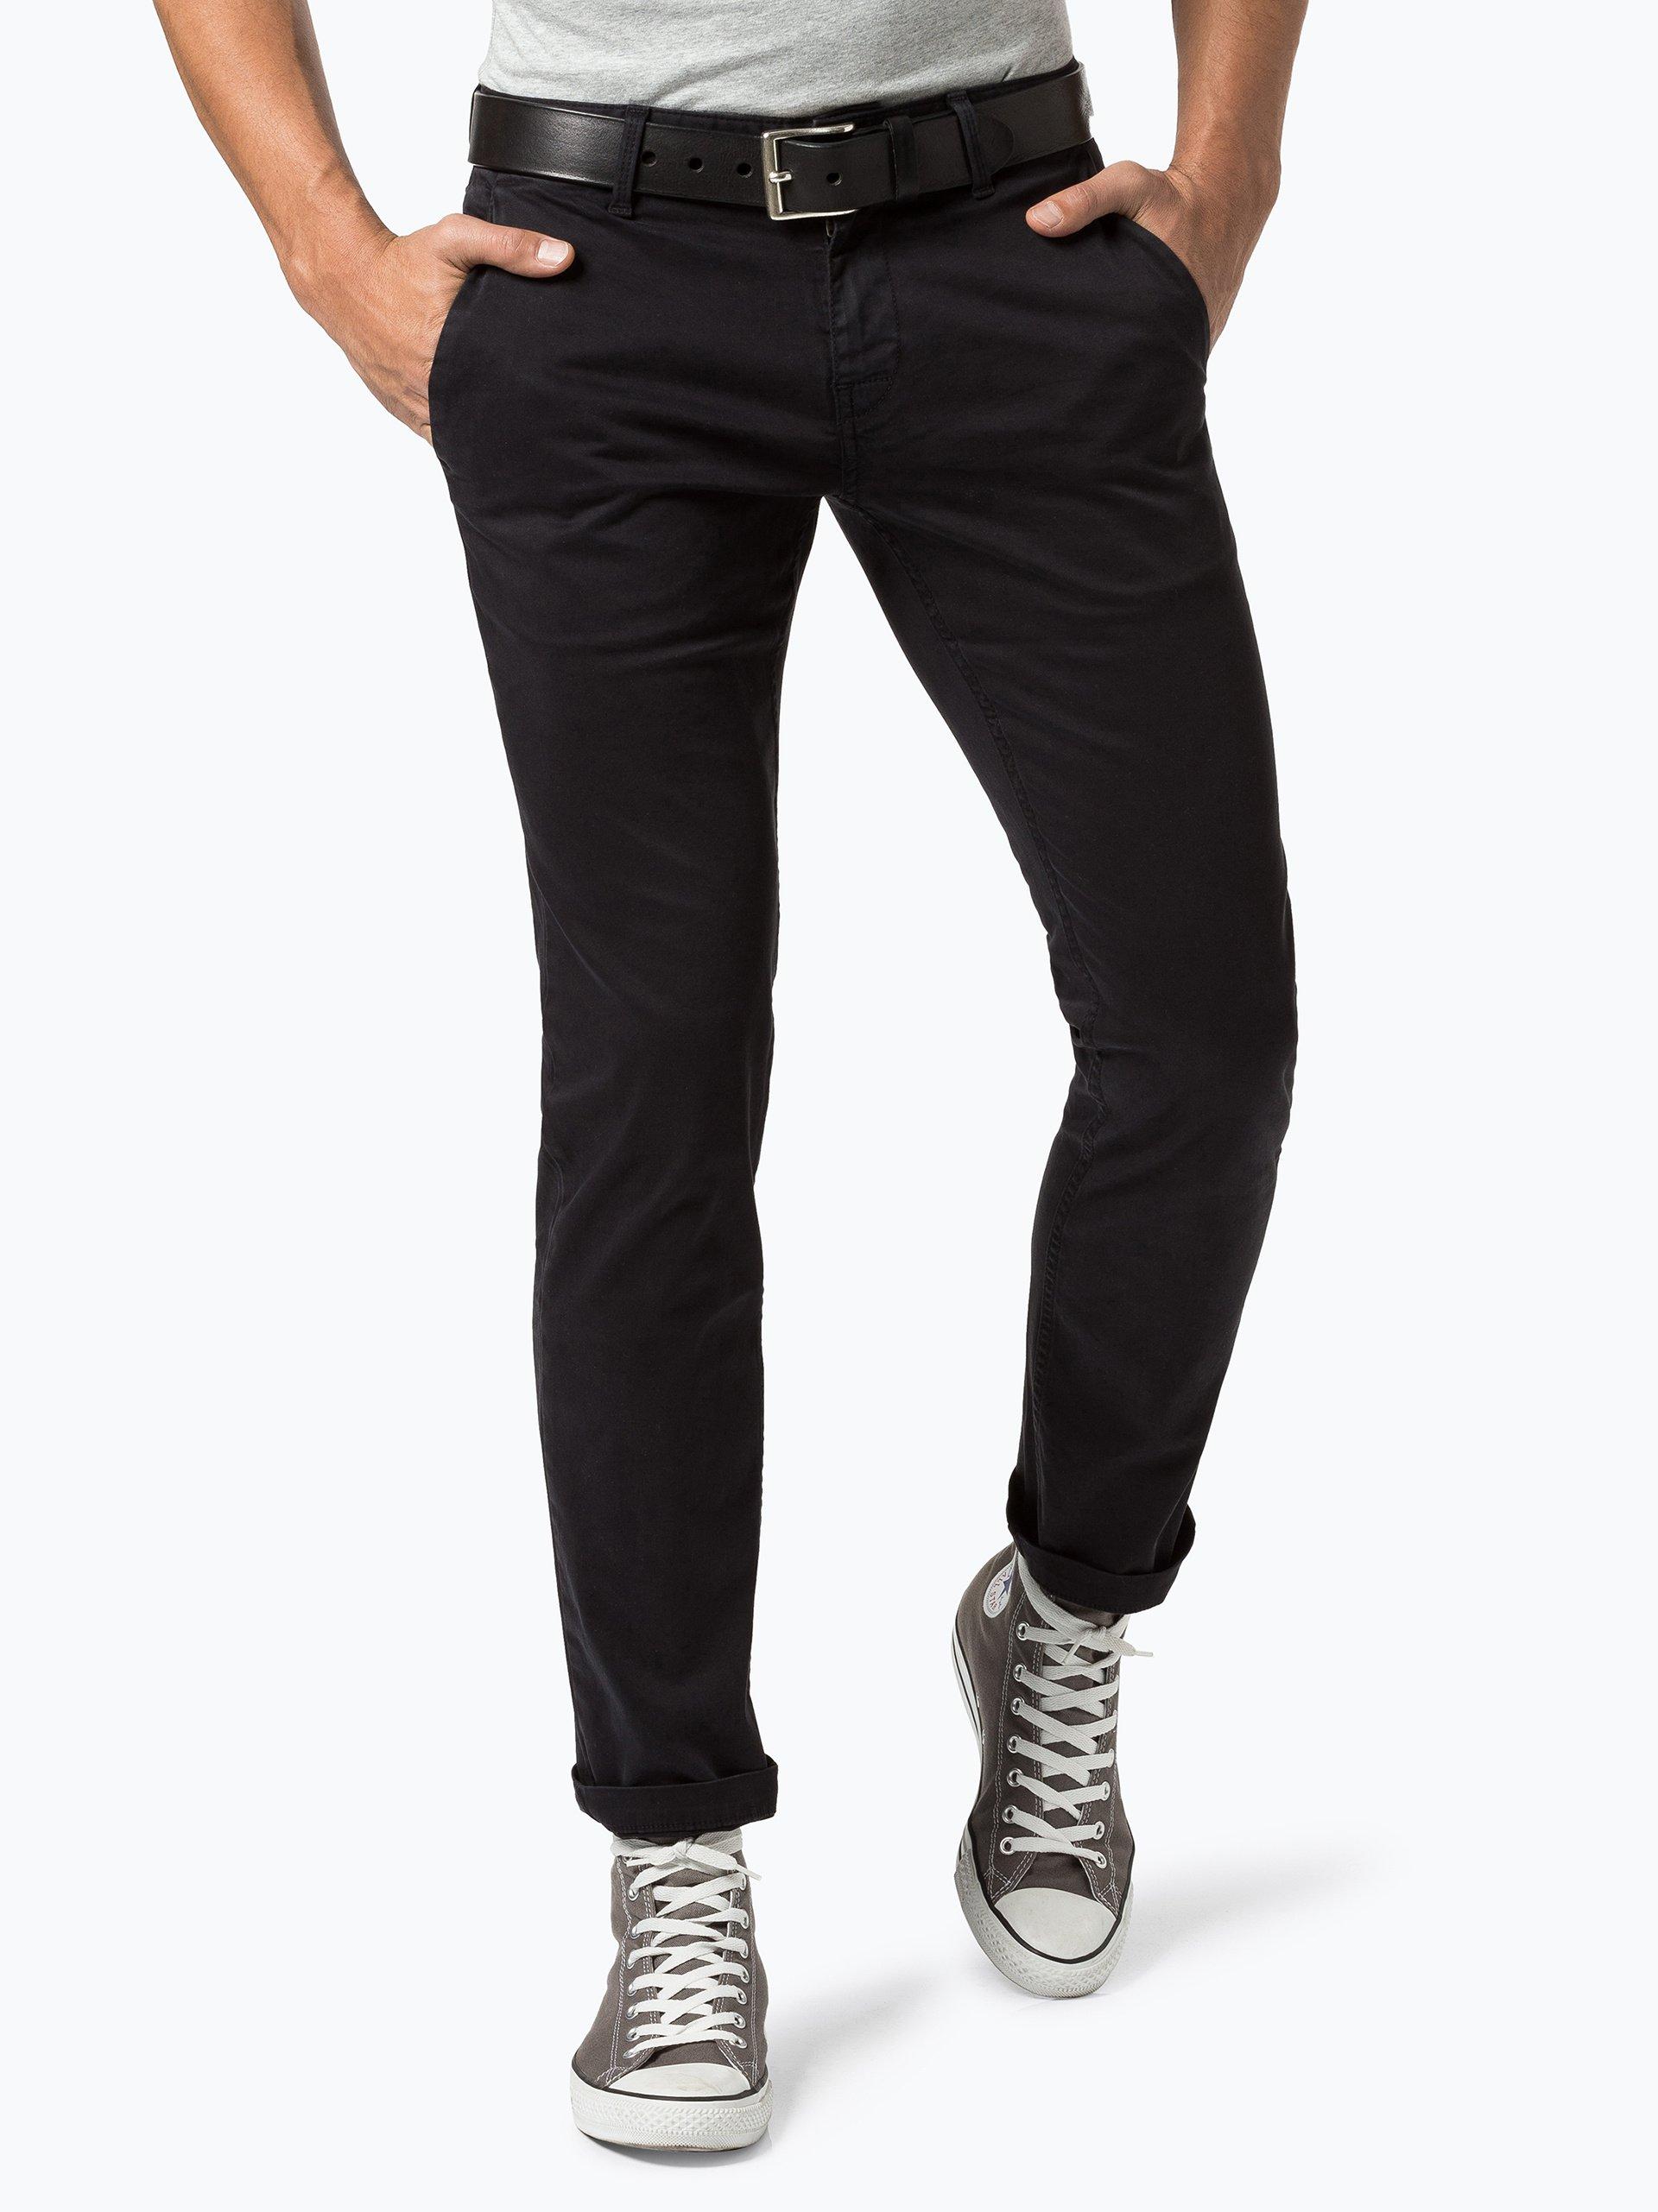 BOSS Casual Spodnie męskie – Schino-Slim1-D